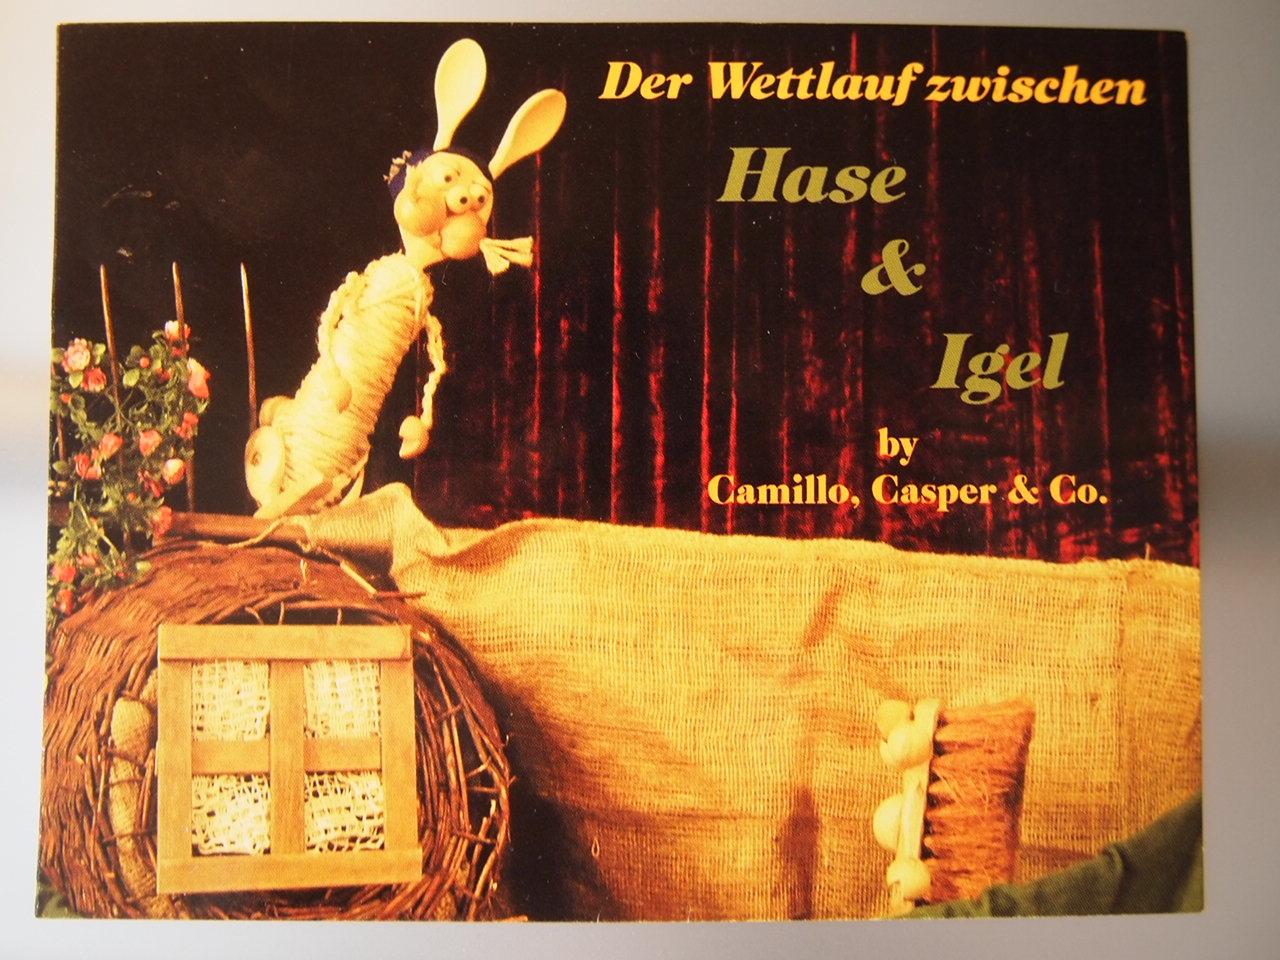 街の人形劇シアターが可愛い!ベルリンで人形劇を鑑賞して来た。